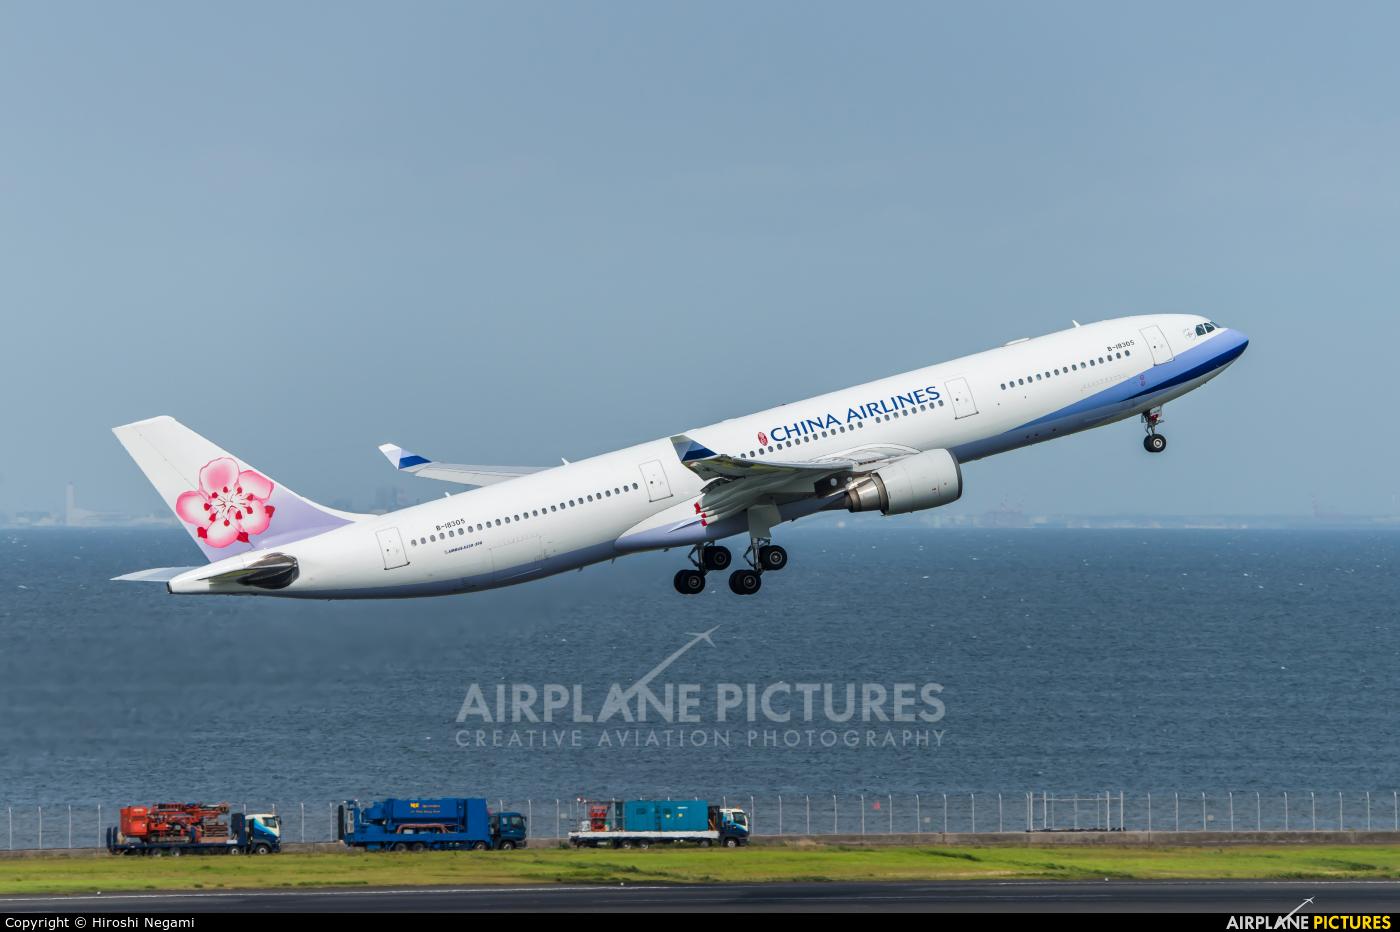 China Airlines B-18305 aircraft at Tokyo - Haneda Intl